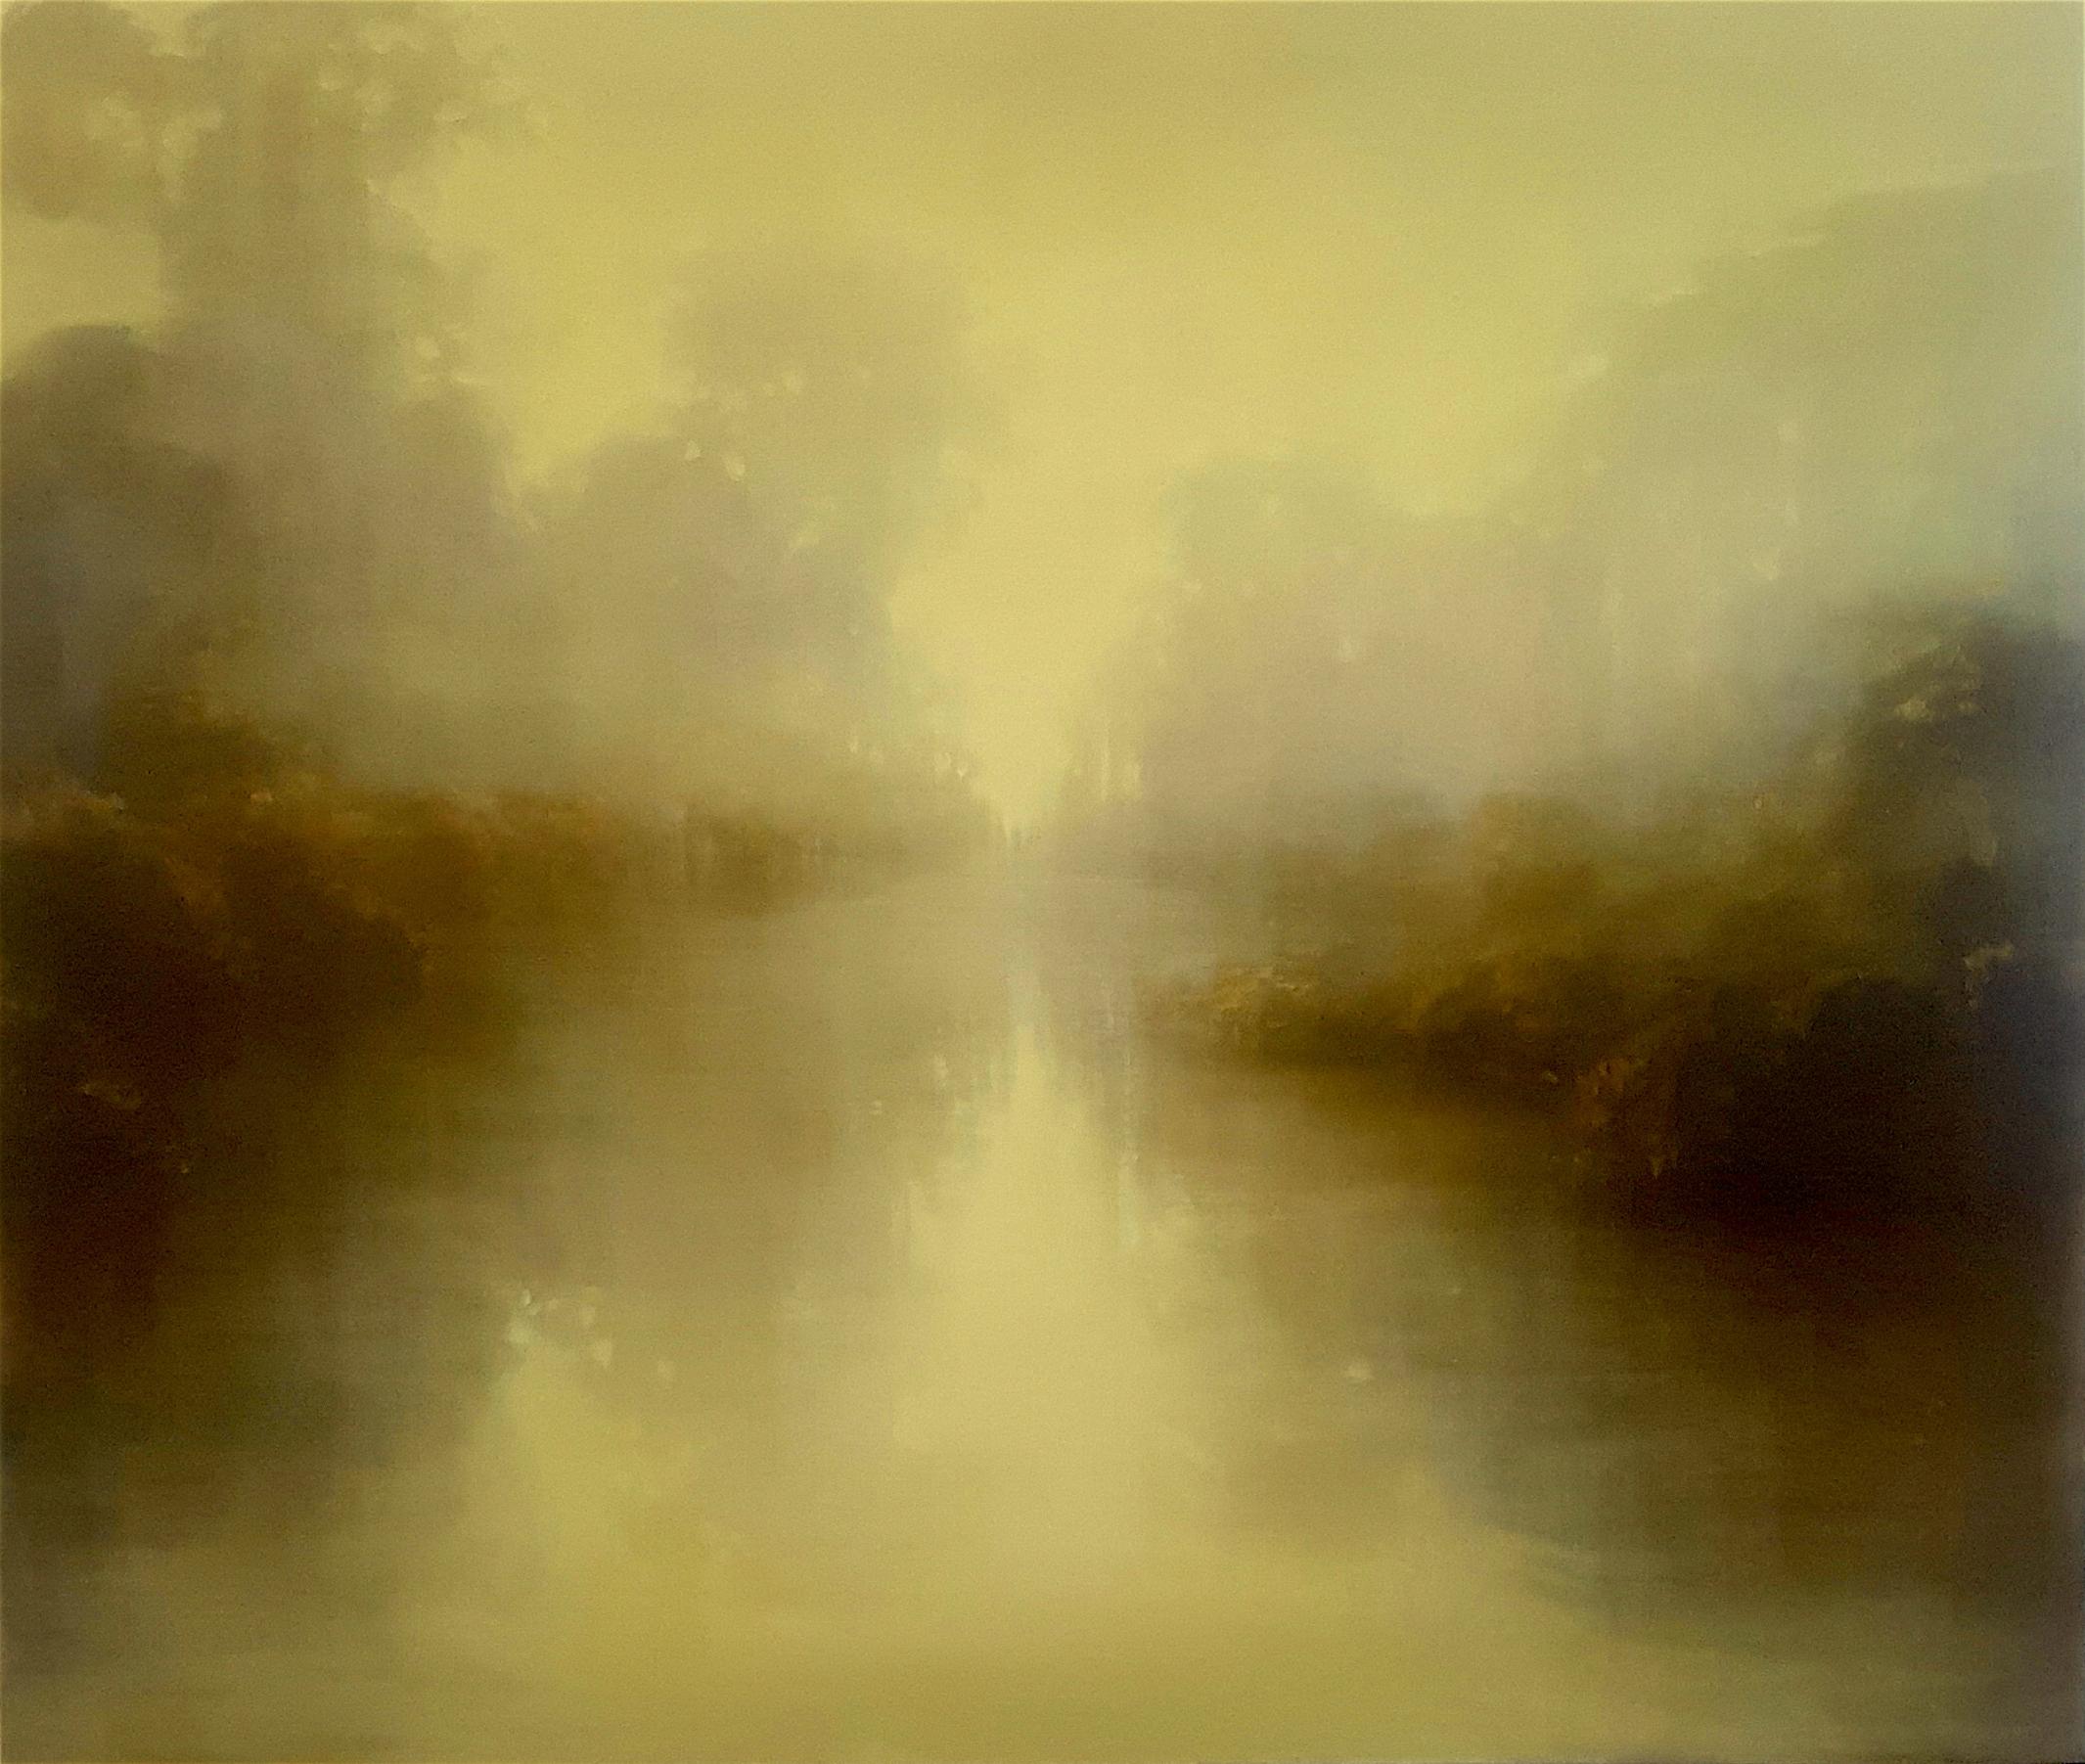 Golden Water's Edge 100 x 122 cm